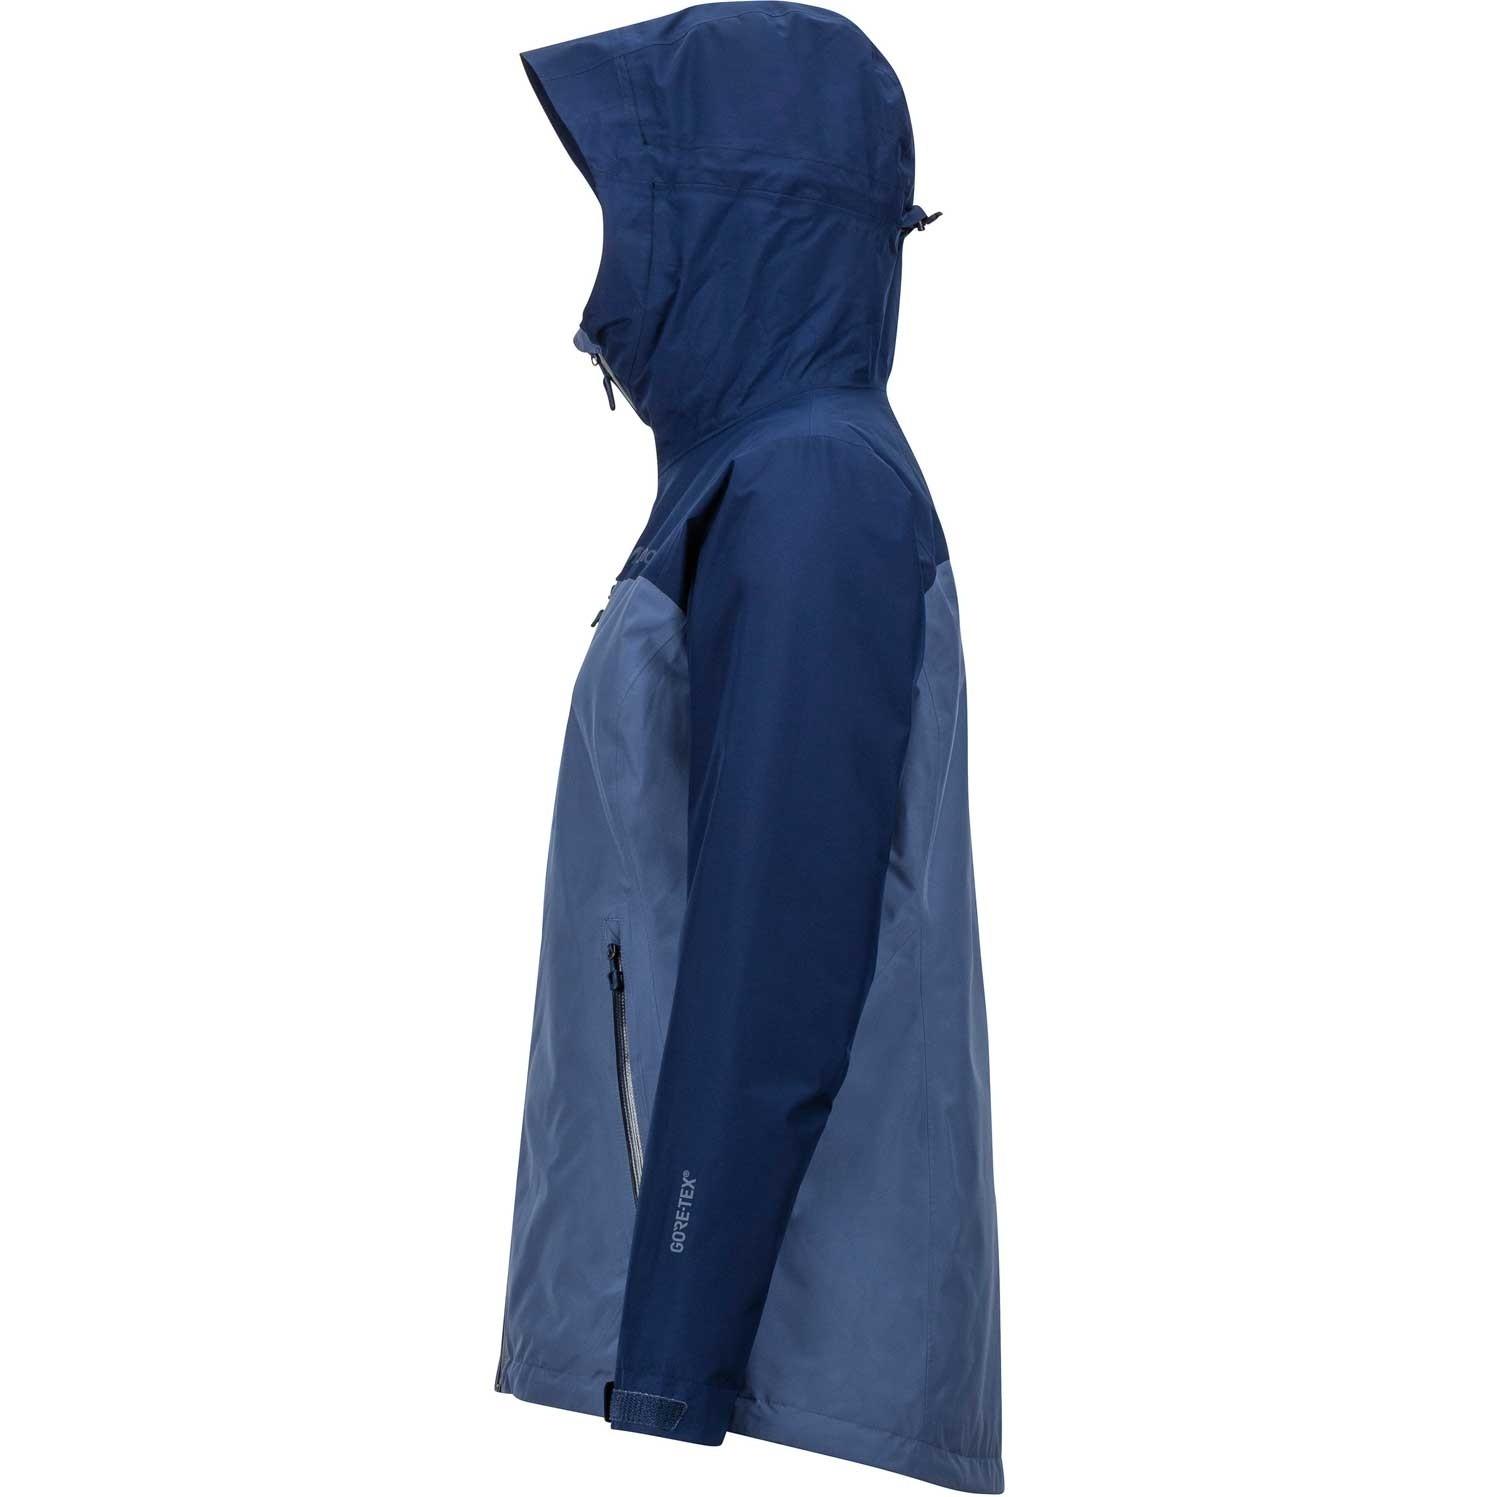 Marmot Solaris Waterproof Jacket - Women's - Storm/Arctic Navy